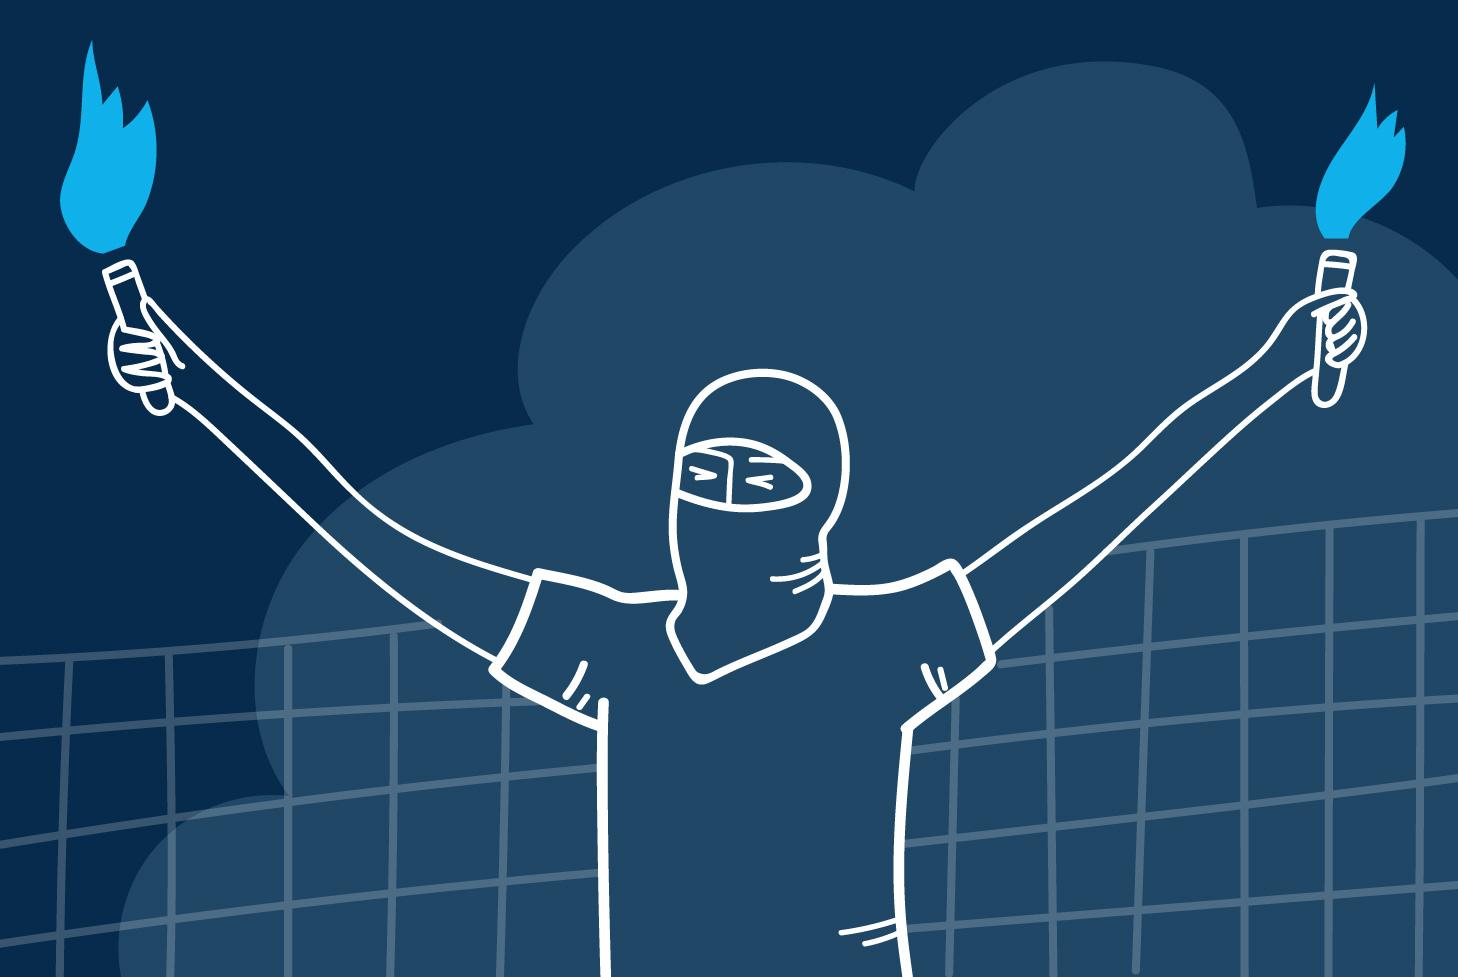 Как выглядит фанатское движение «Зенита» изнутри? Максим «Пацифик» Дукельский рассказывает о«вираже», выездах и драках